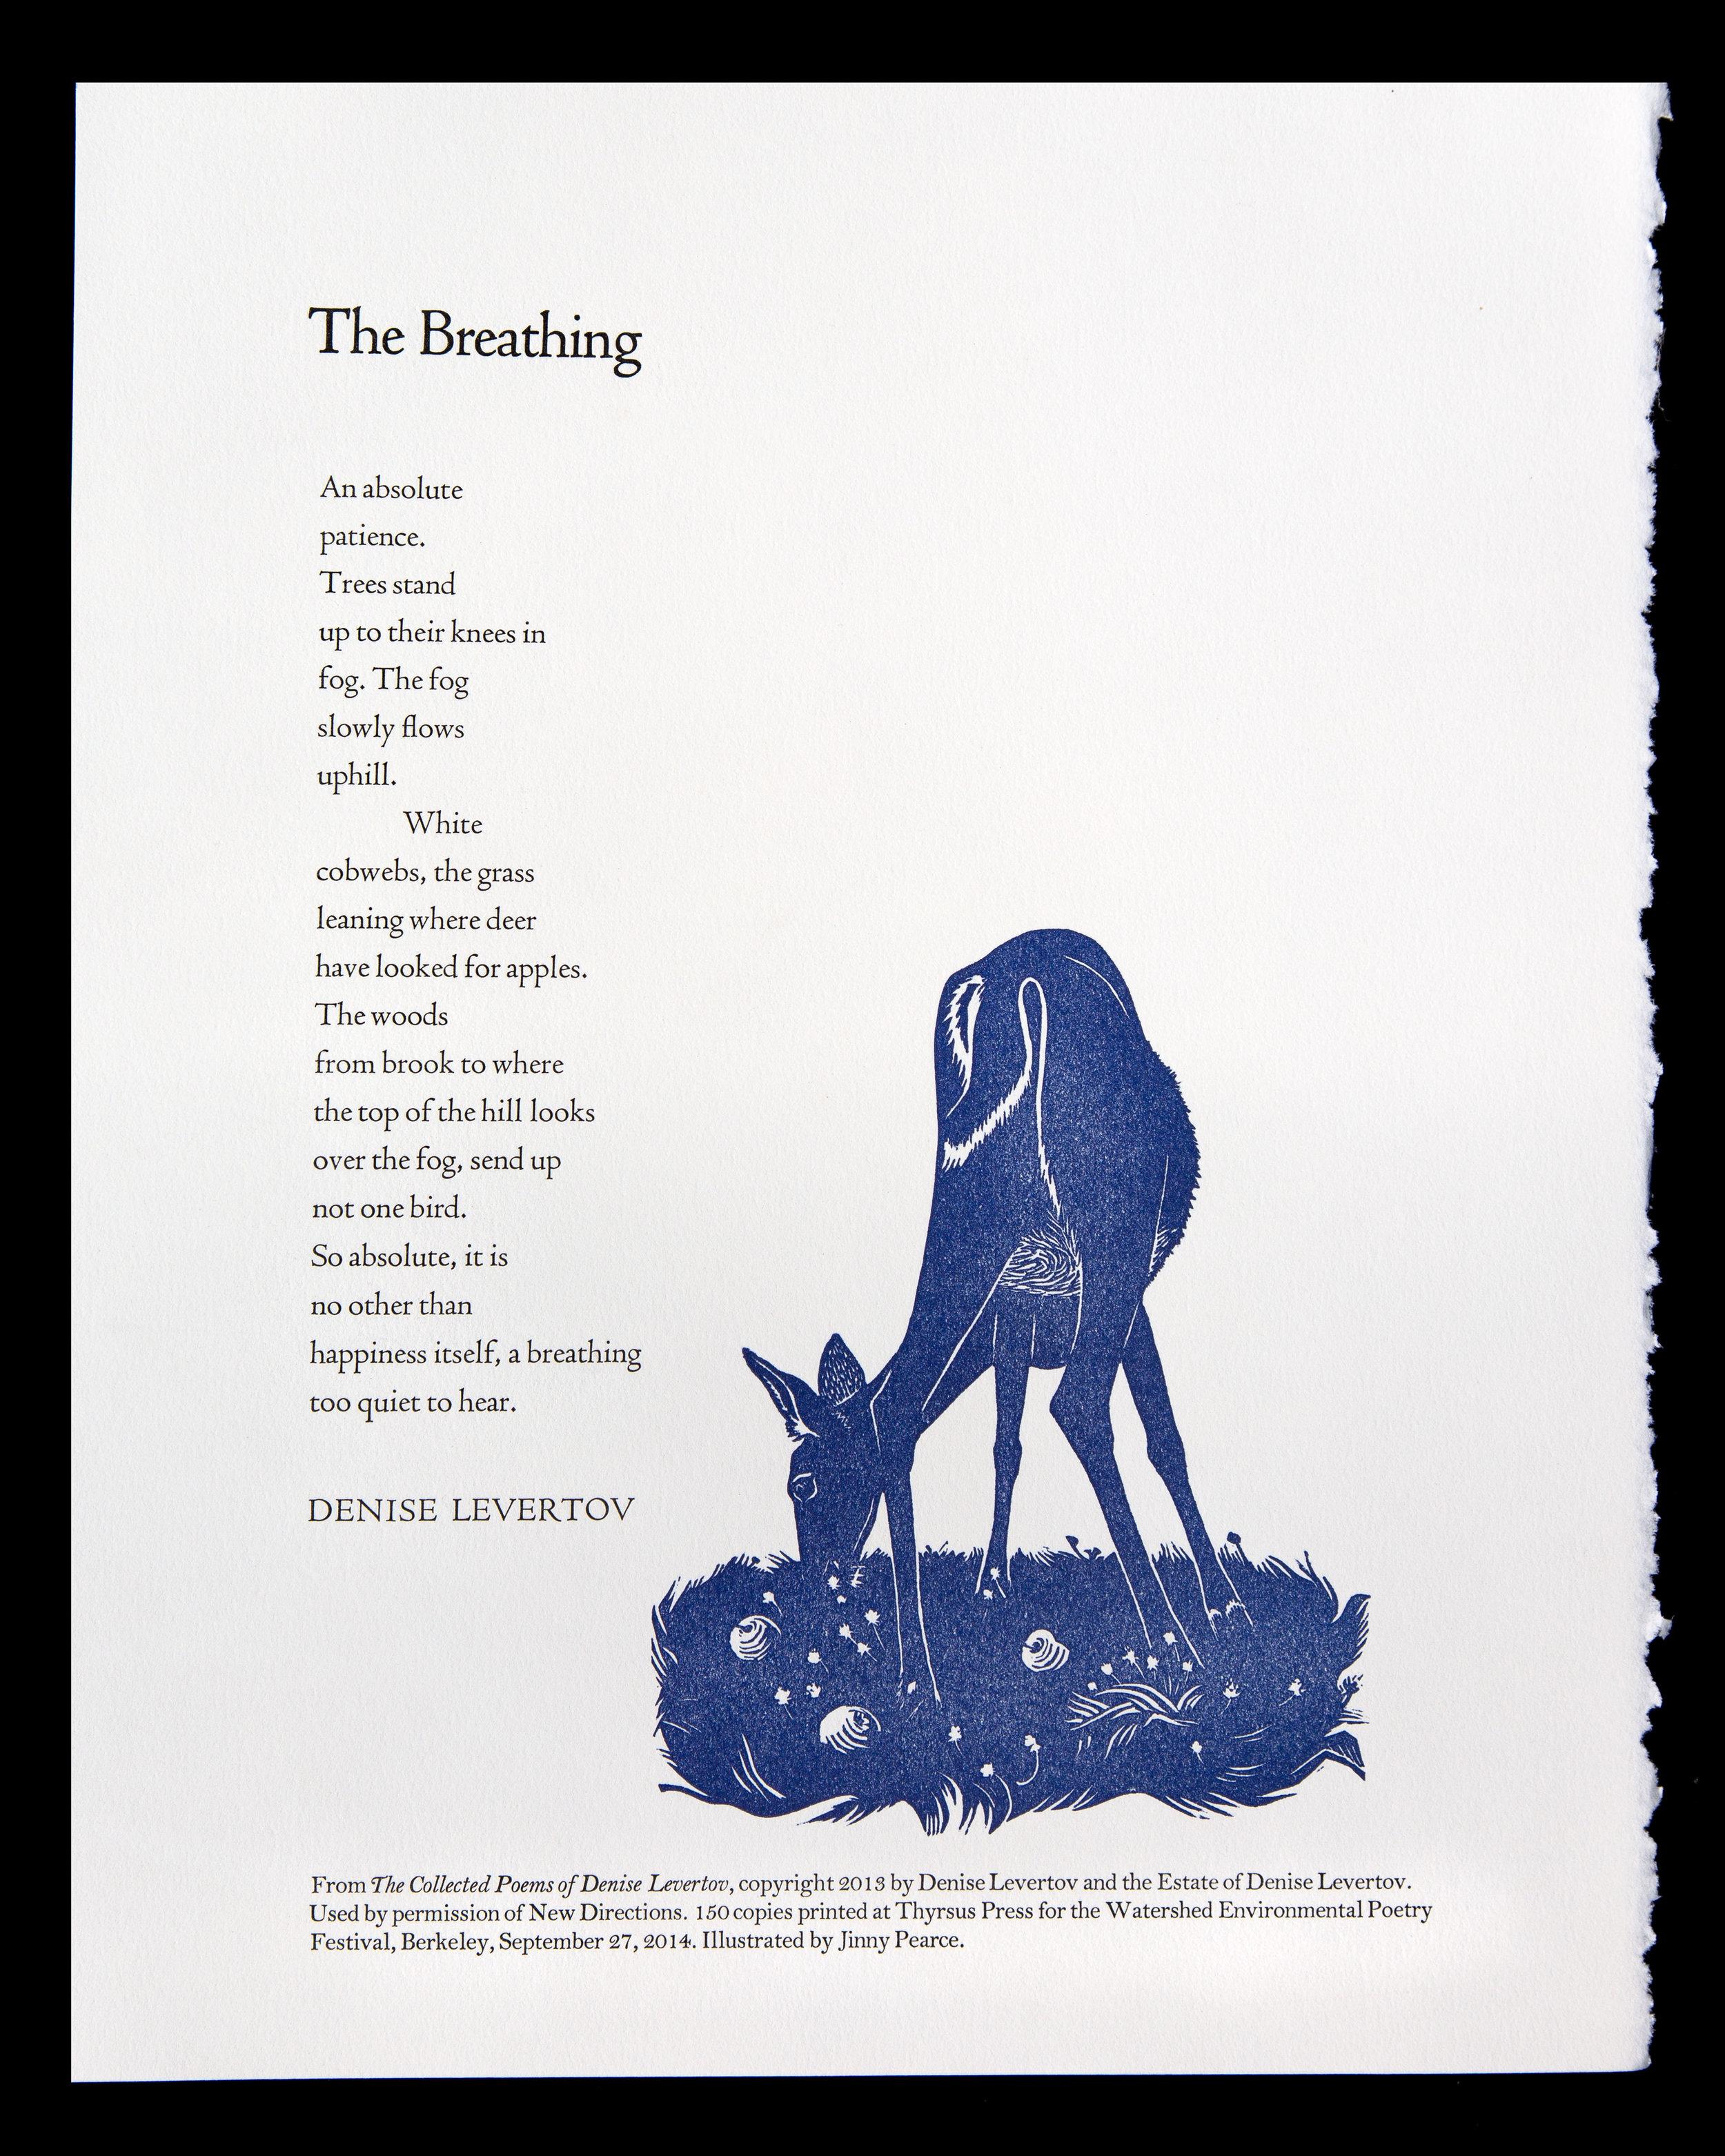 The_Breathing.jpg